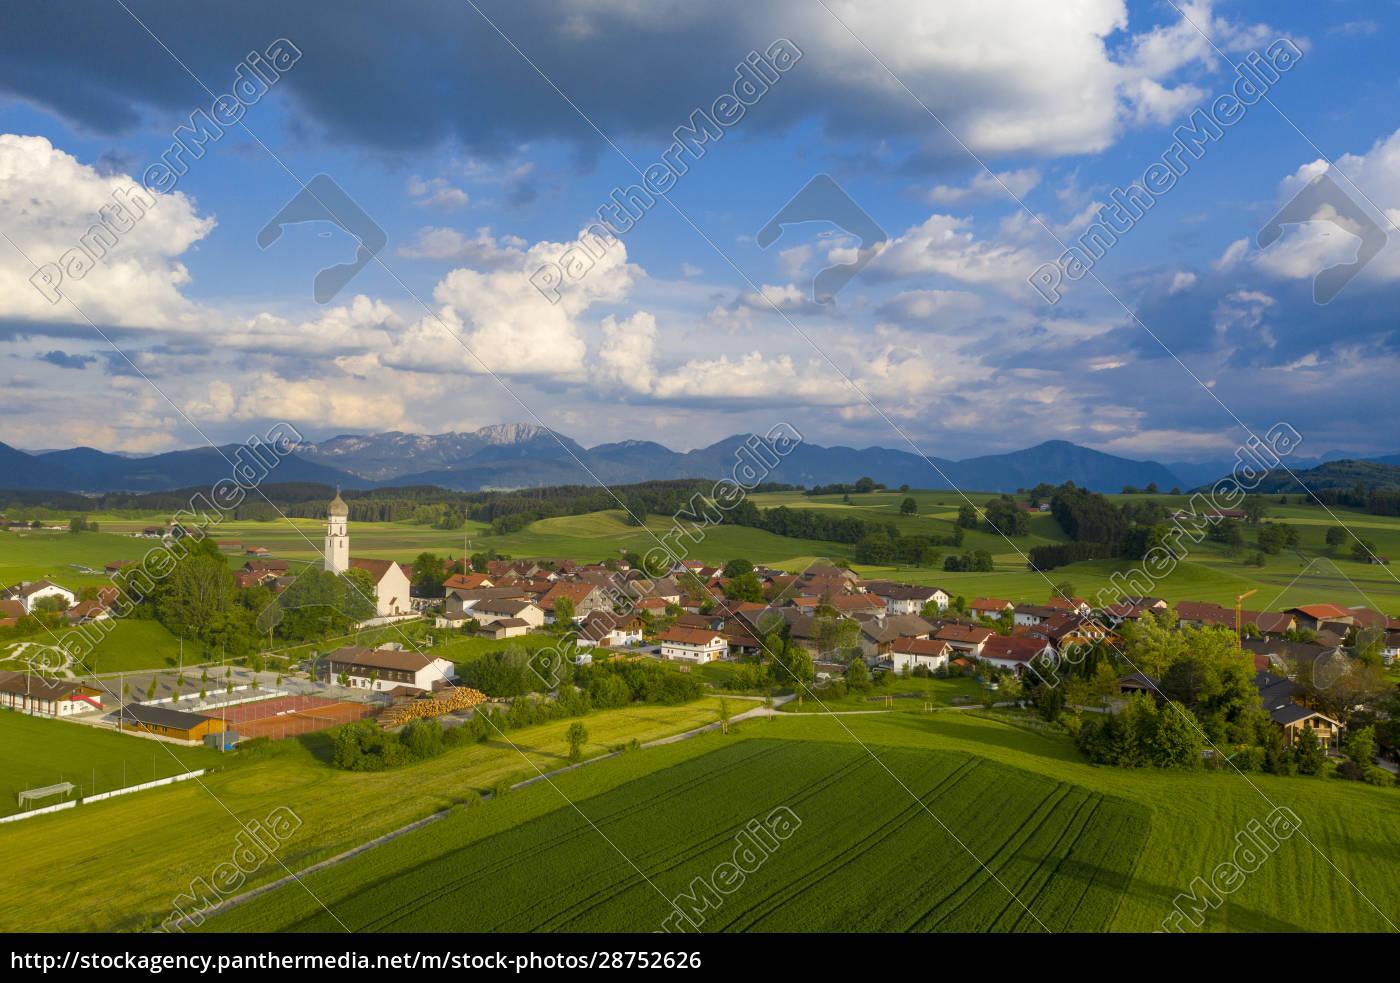 deutschland, bayern, oberbayern, antdorf, mit, benediktenwand, in, der, ferne - 28752626